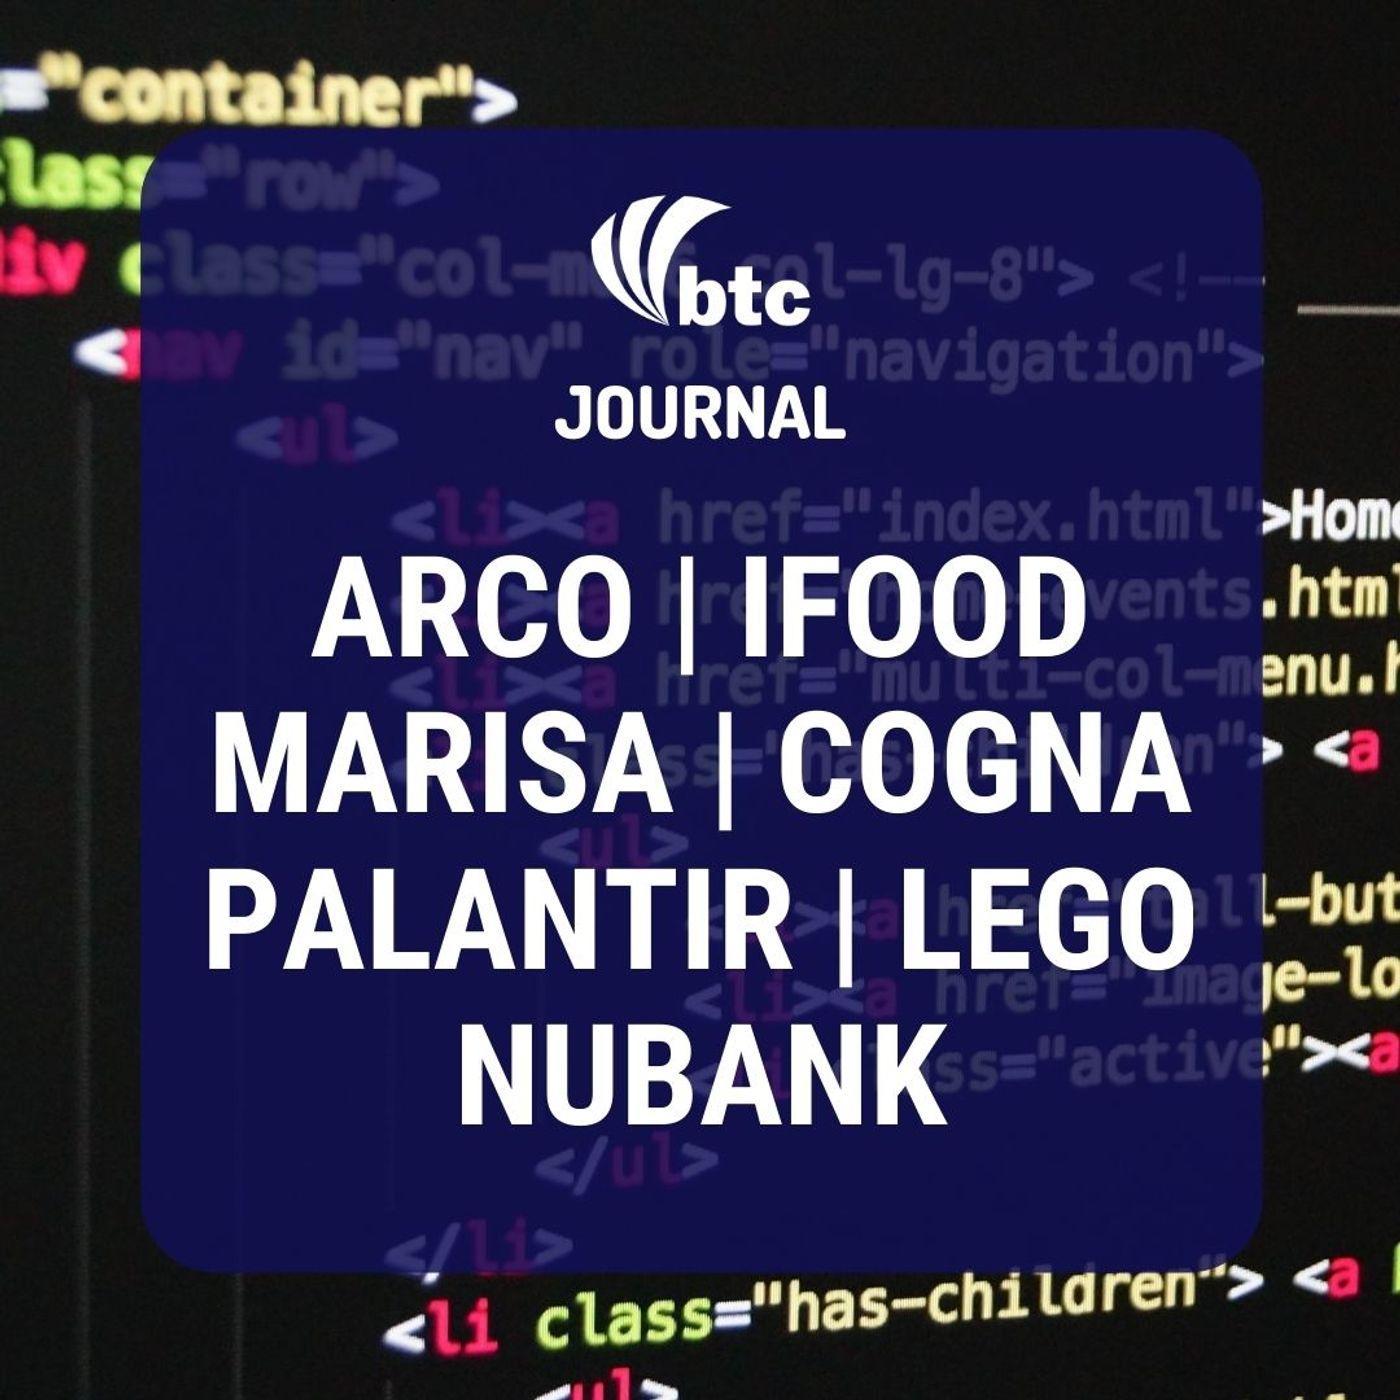 Nubank, Palantir, Marisa, Ifood, Cogna, Arco Educação e Lego | BTC Journal 27/08/20